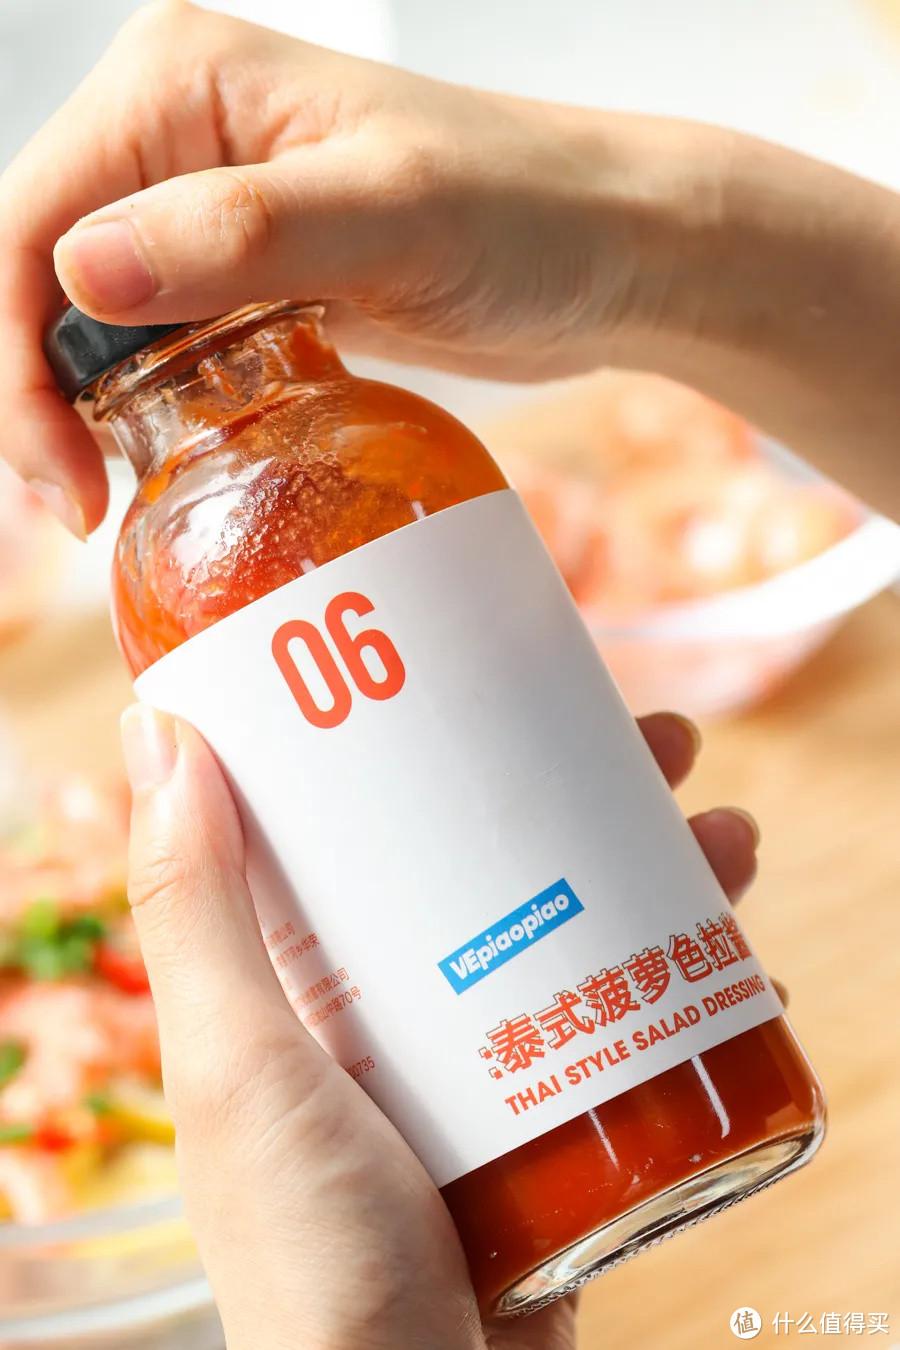 34种万能快手凉拌汁,一瓶拯救你吃草的夏天